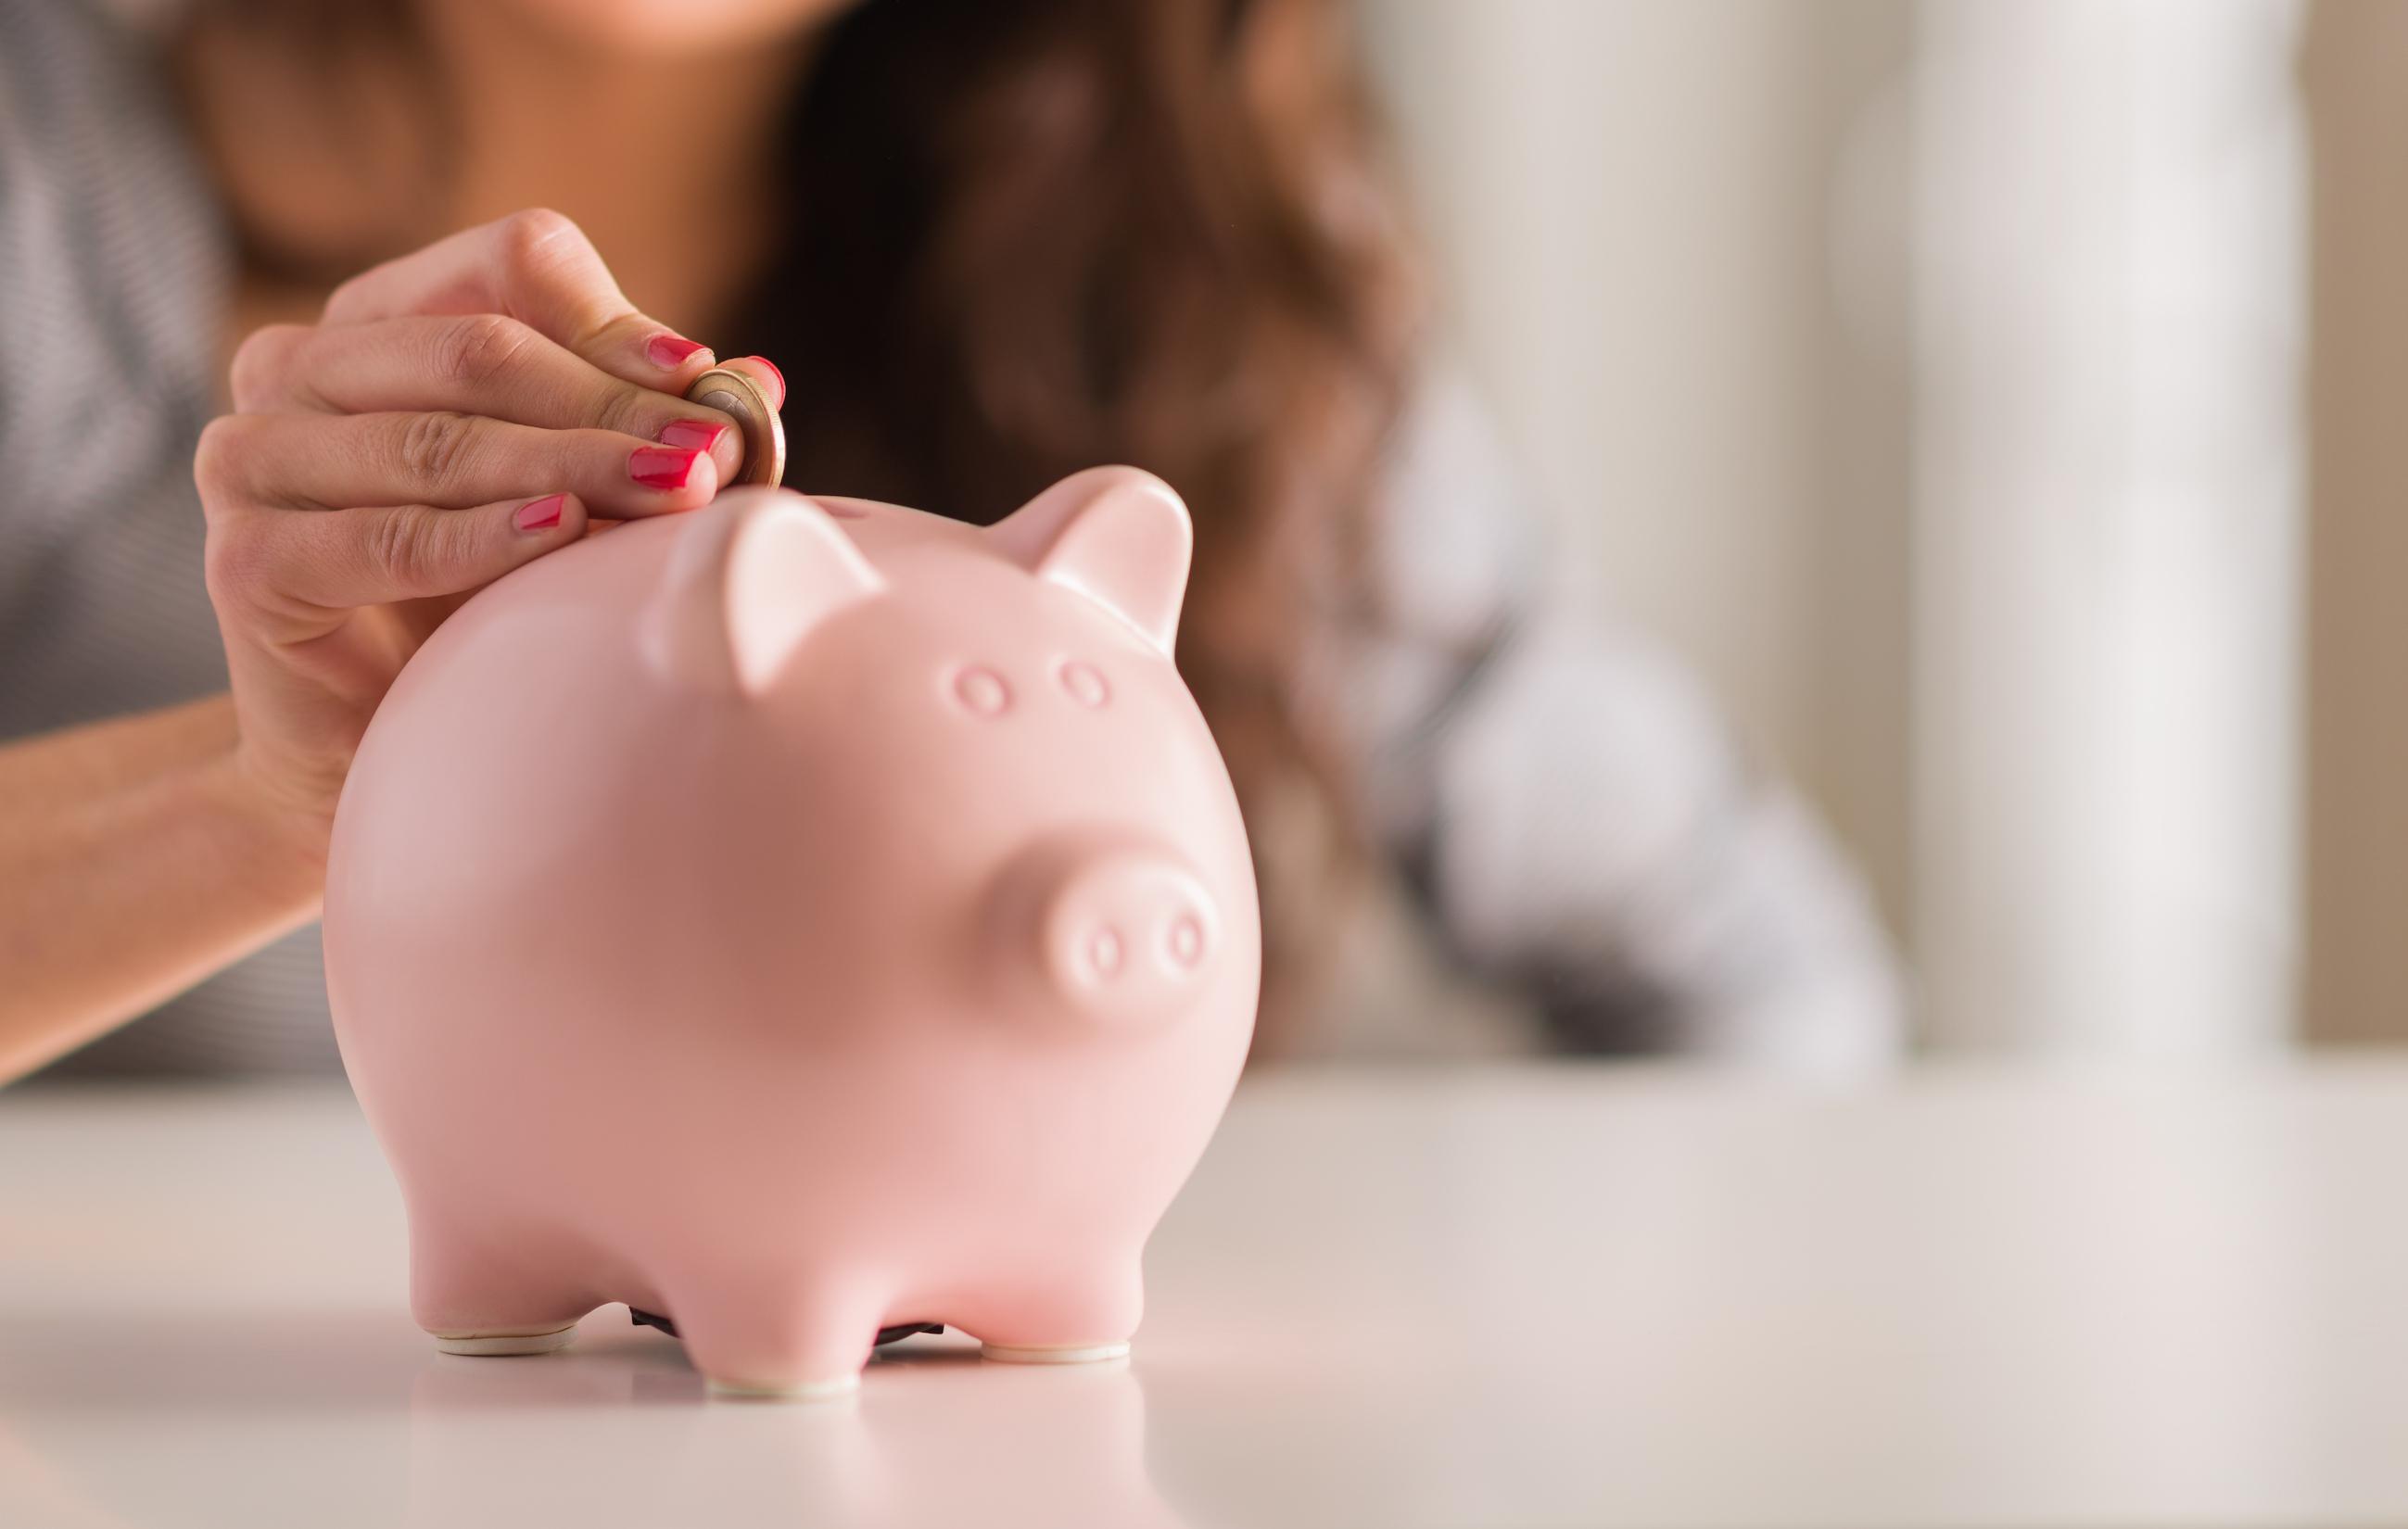 Zien: Hoe ziet jouw financiële toekomst eruit?